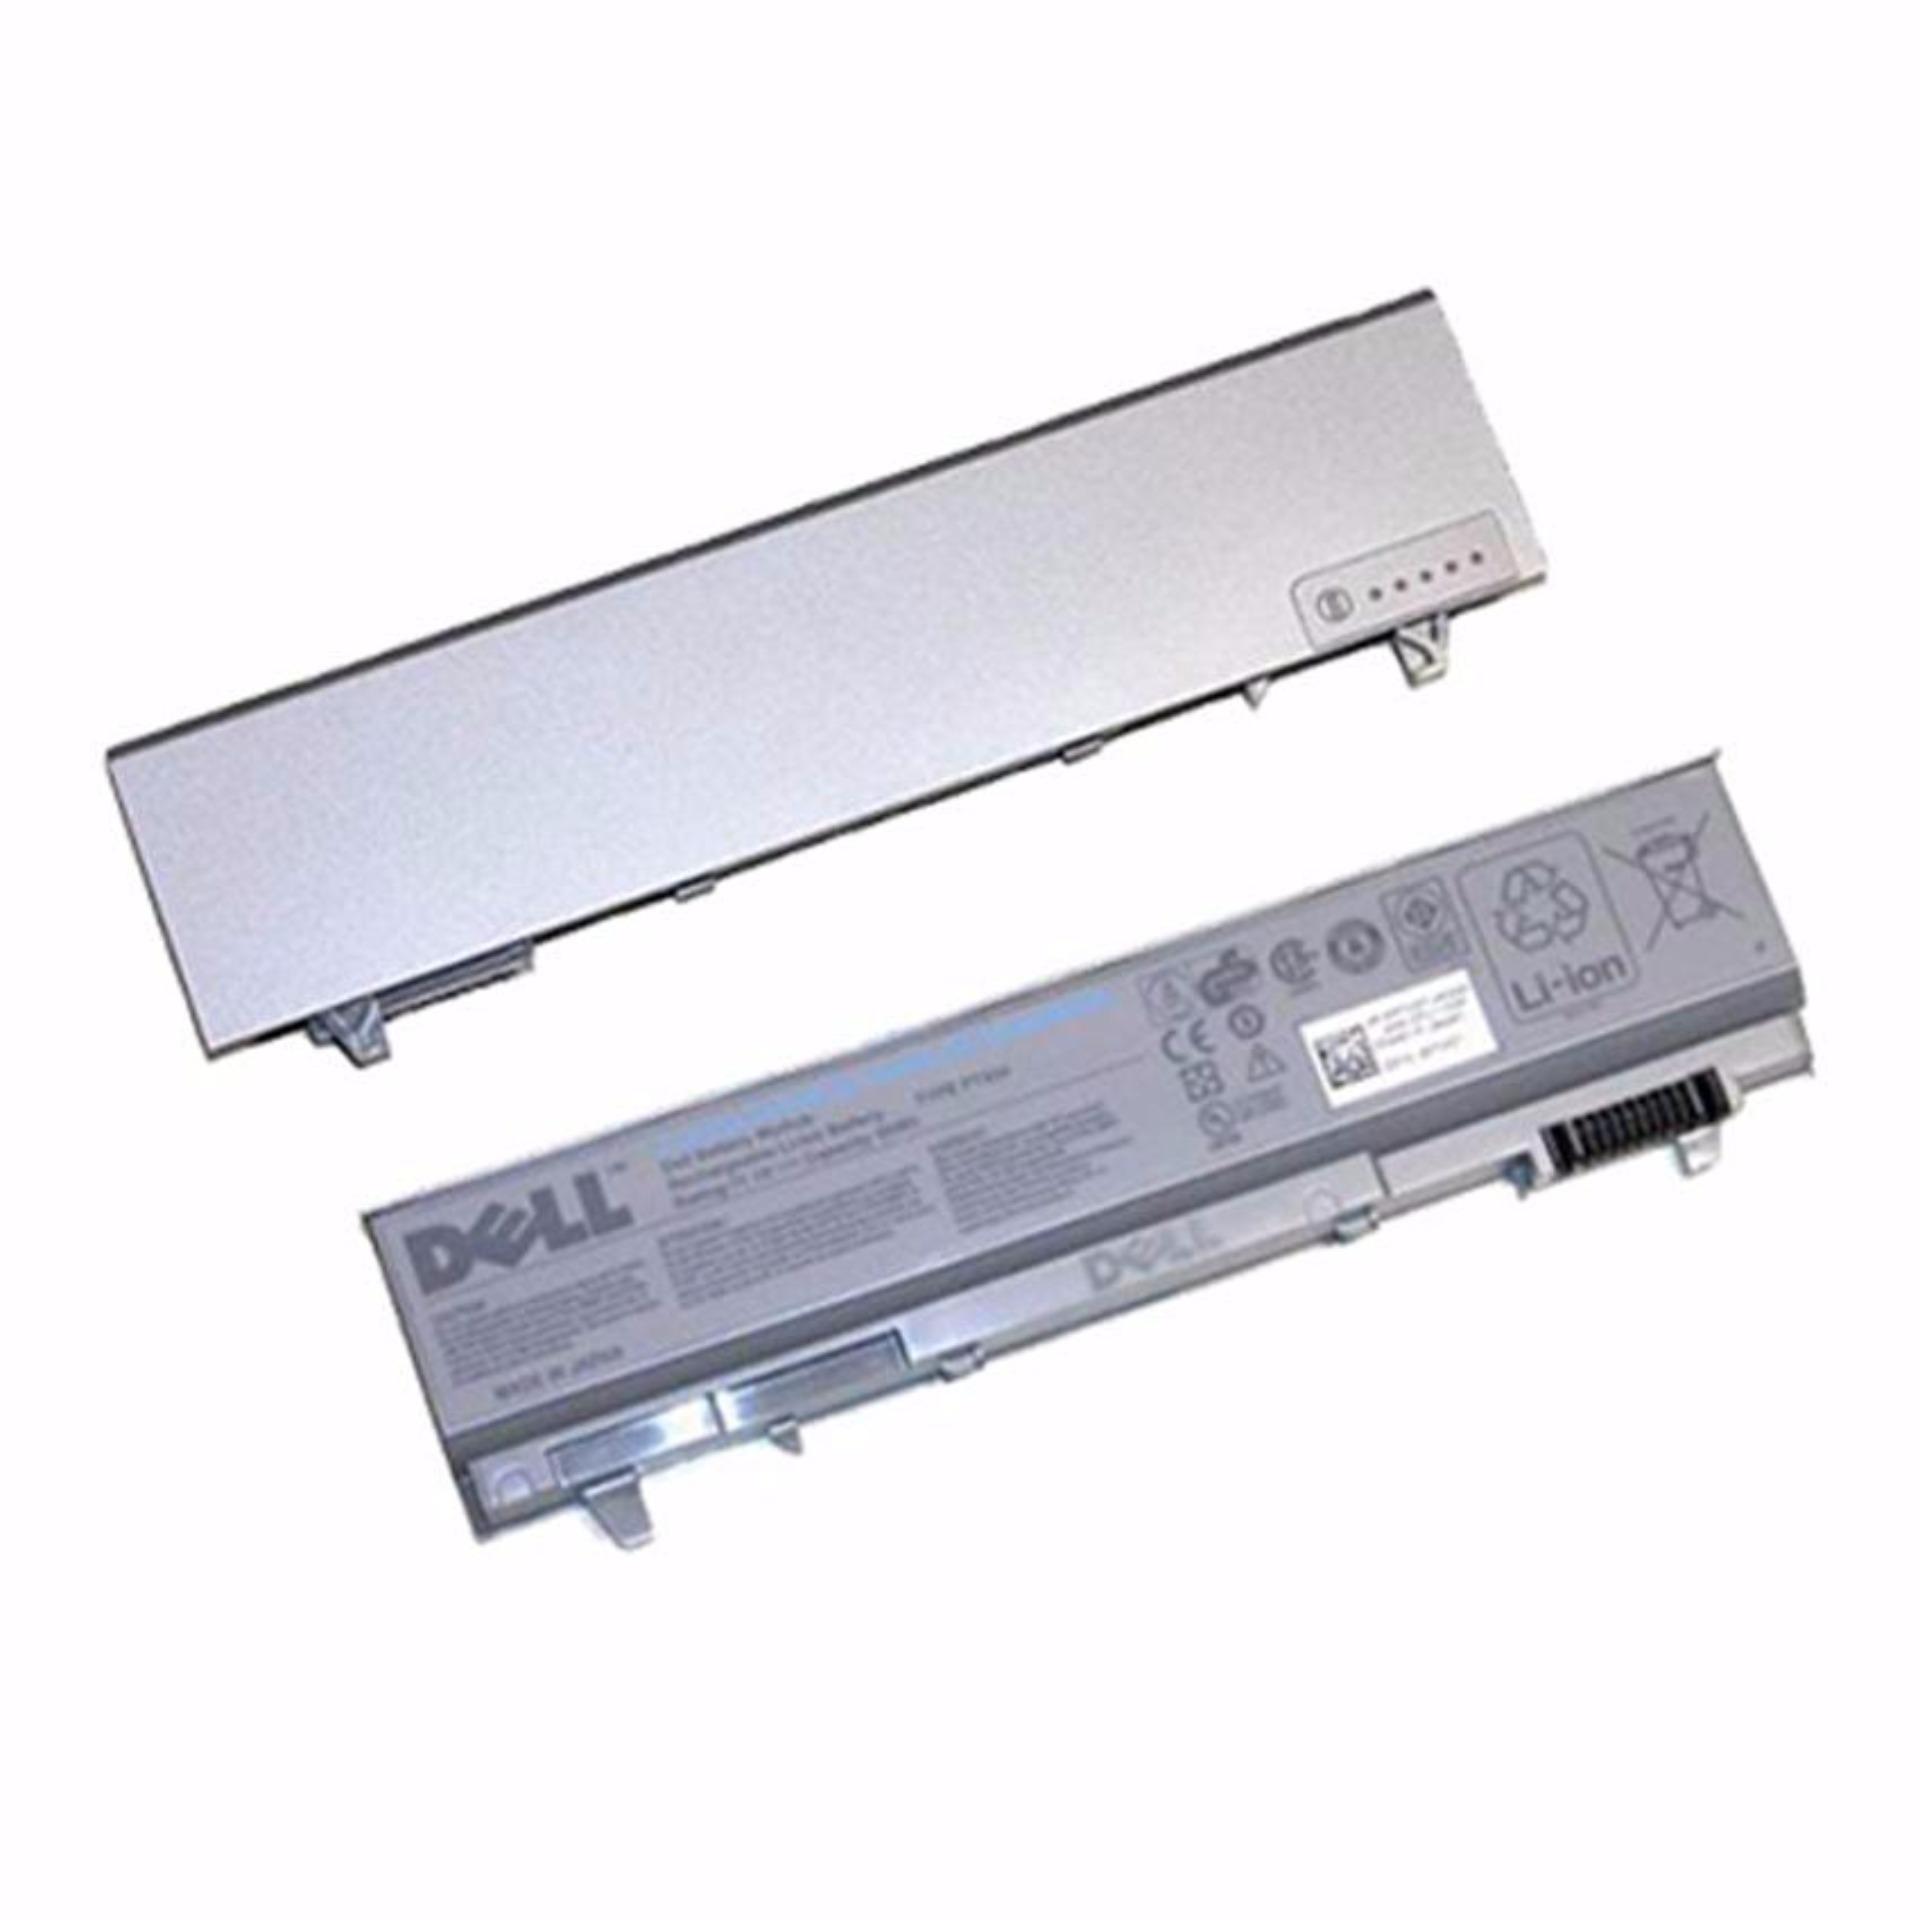 Pin dành cho laptop Dell Latitude e4300 (Trắng xám) - Hàng nhập khẩu